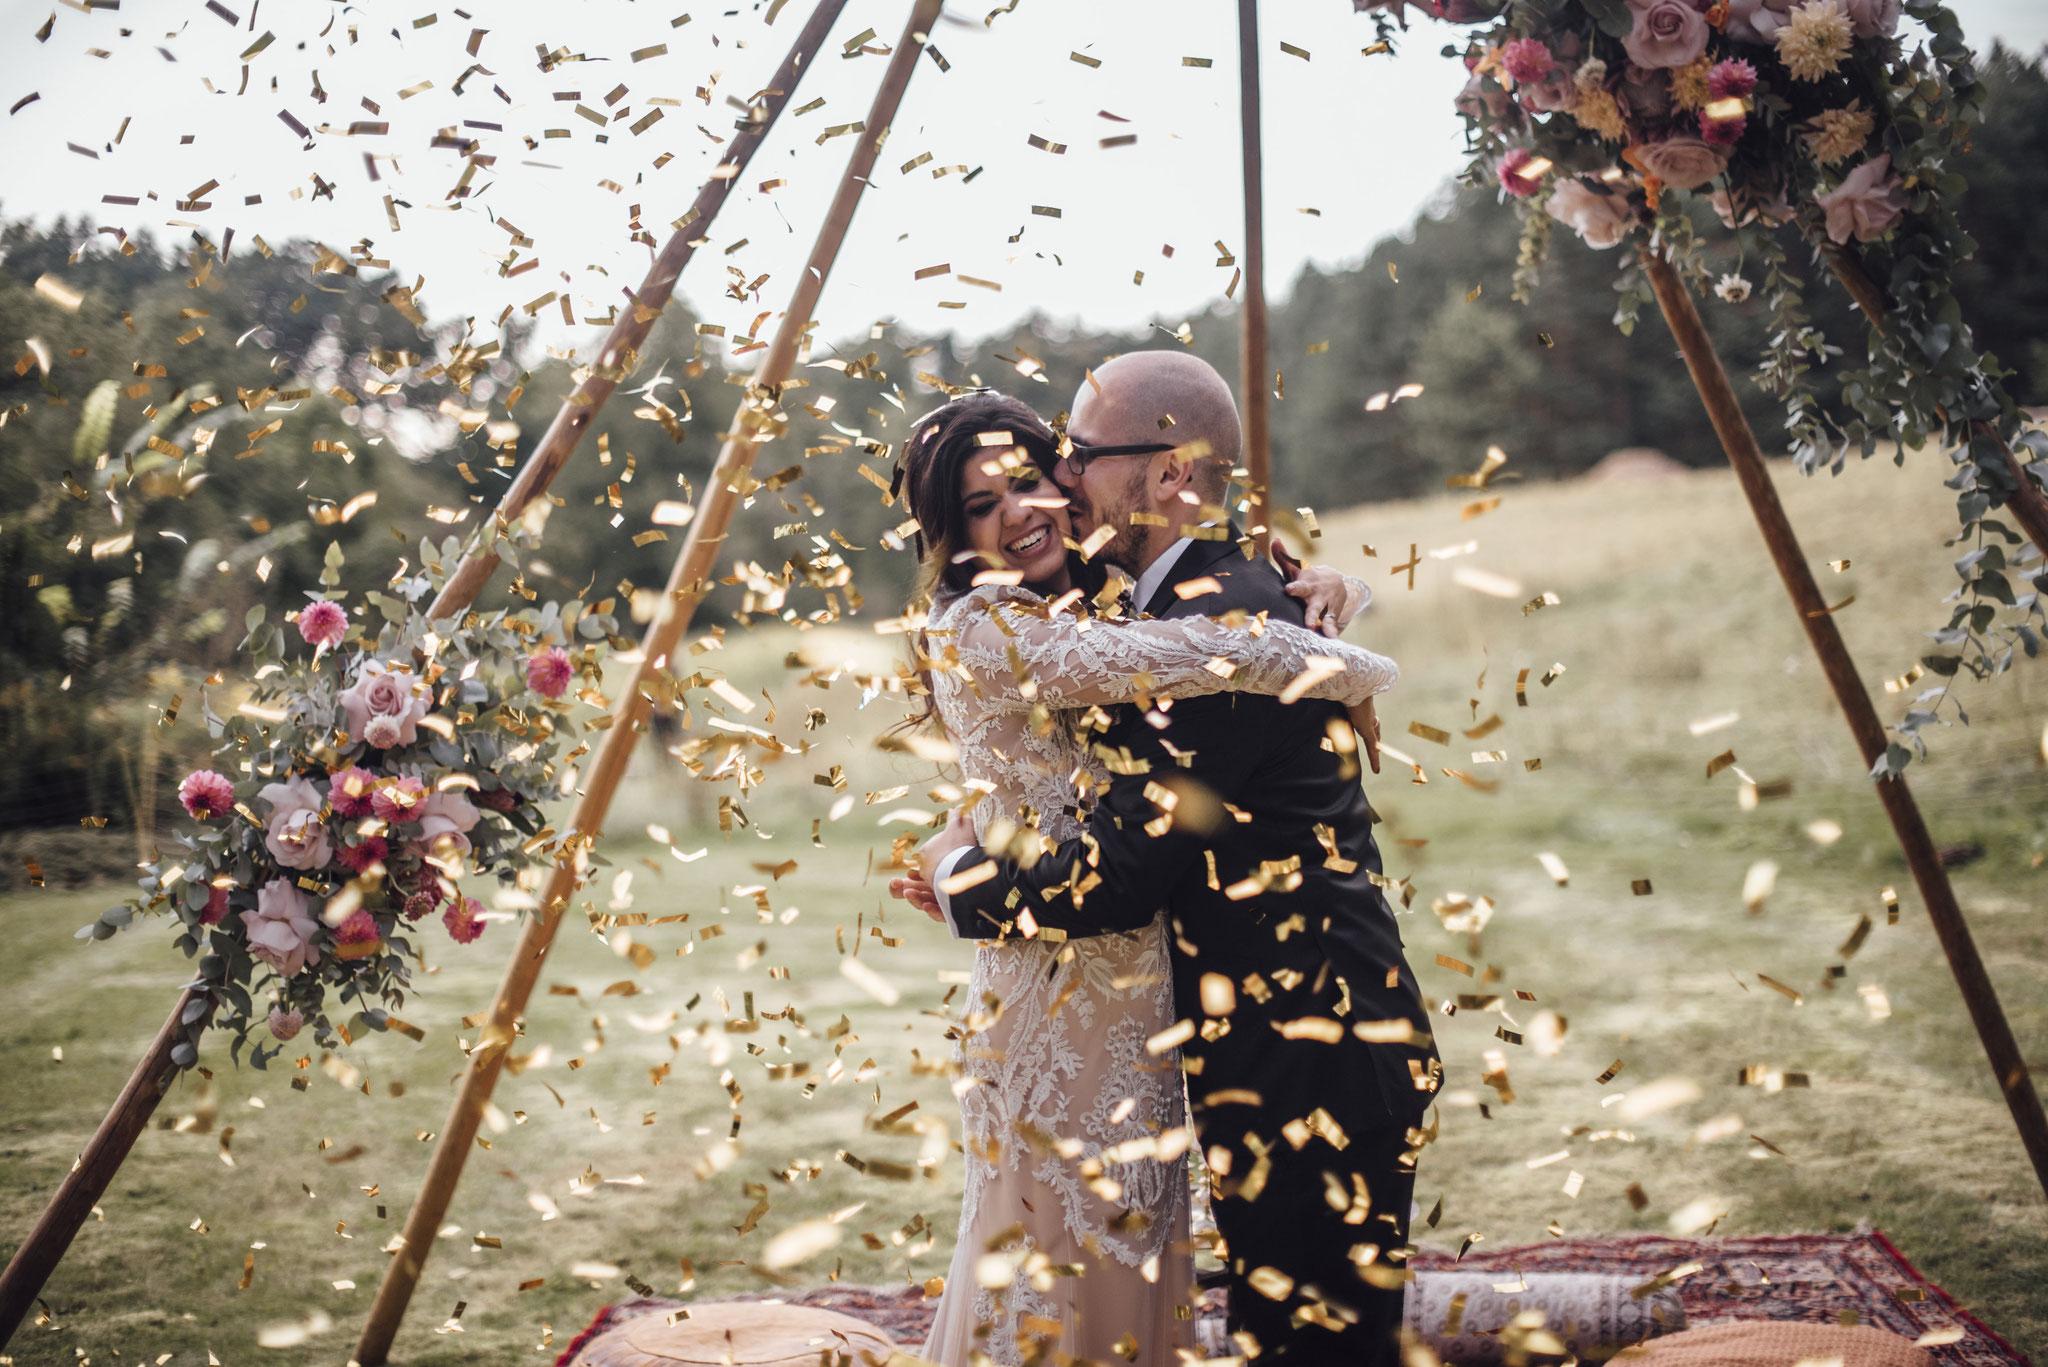 Bohemian Oriental Festival Wedding, Biesenthal - Marco Fuß, Ihr Hochzeitsplaner, Freier Trauredner